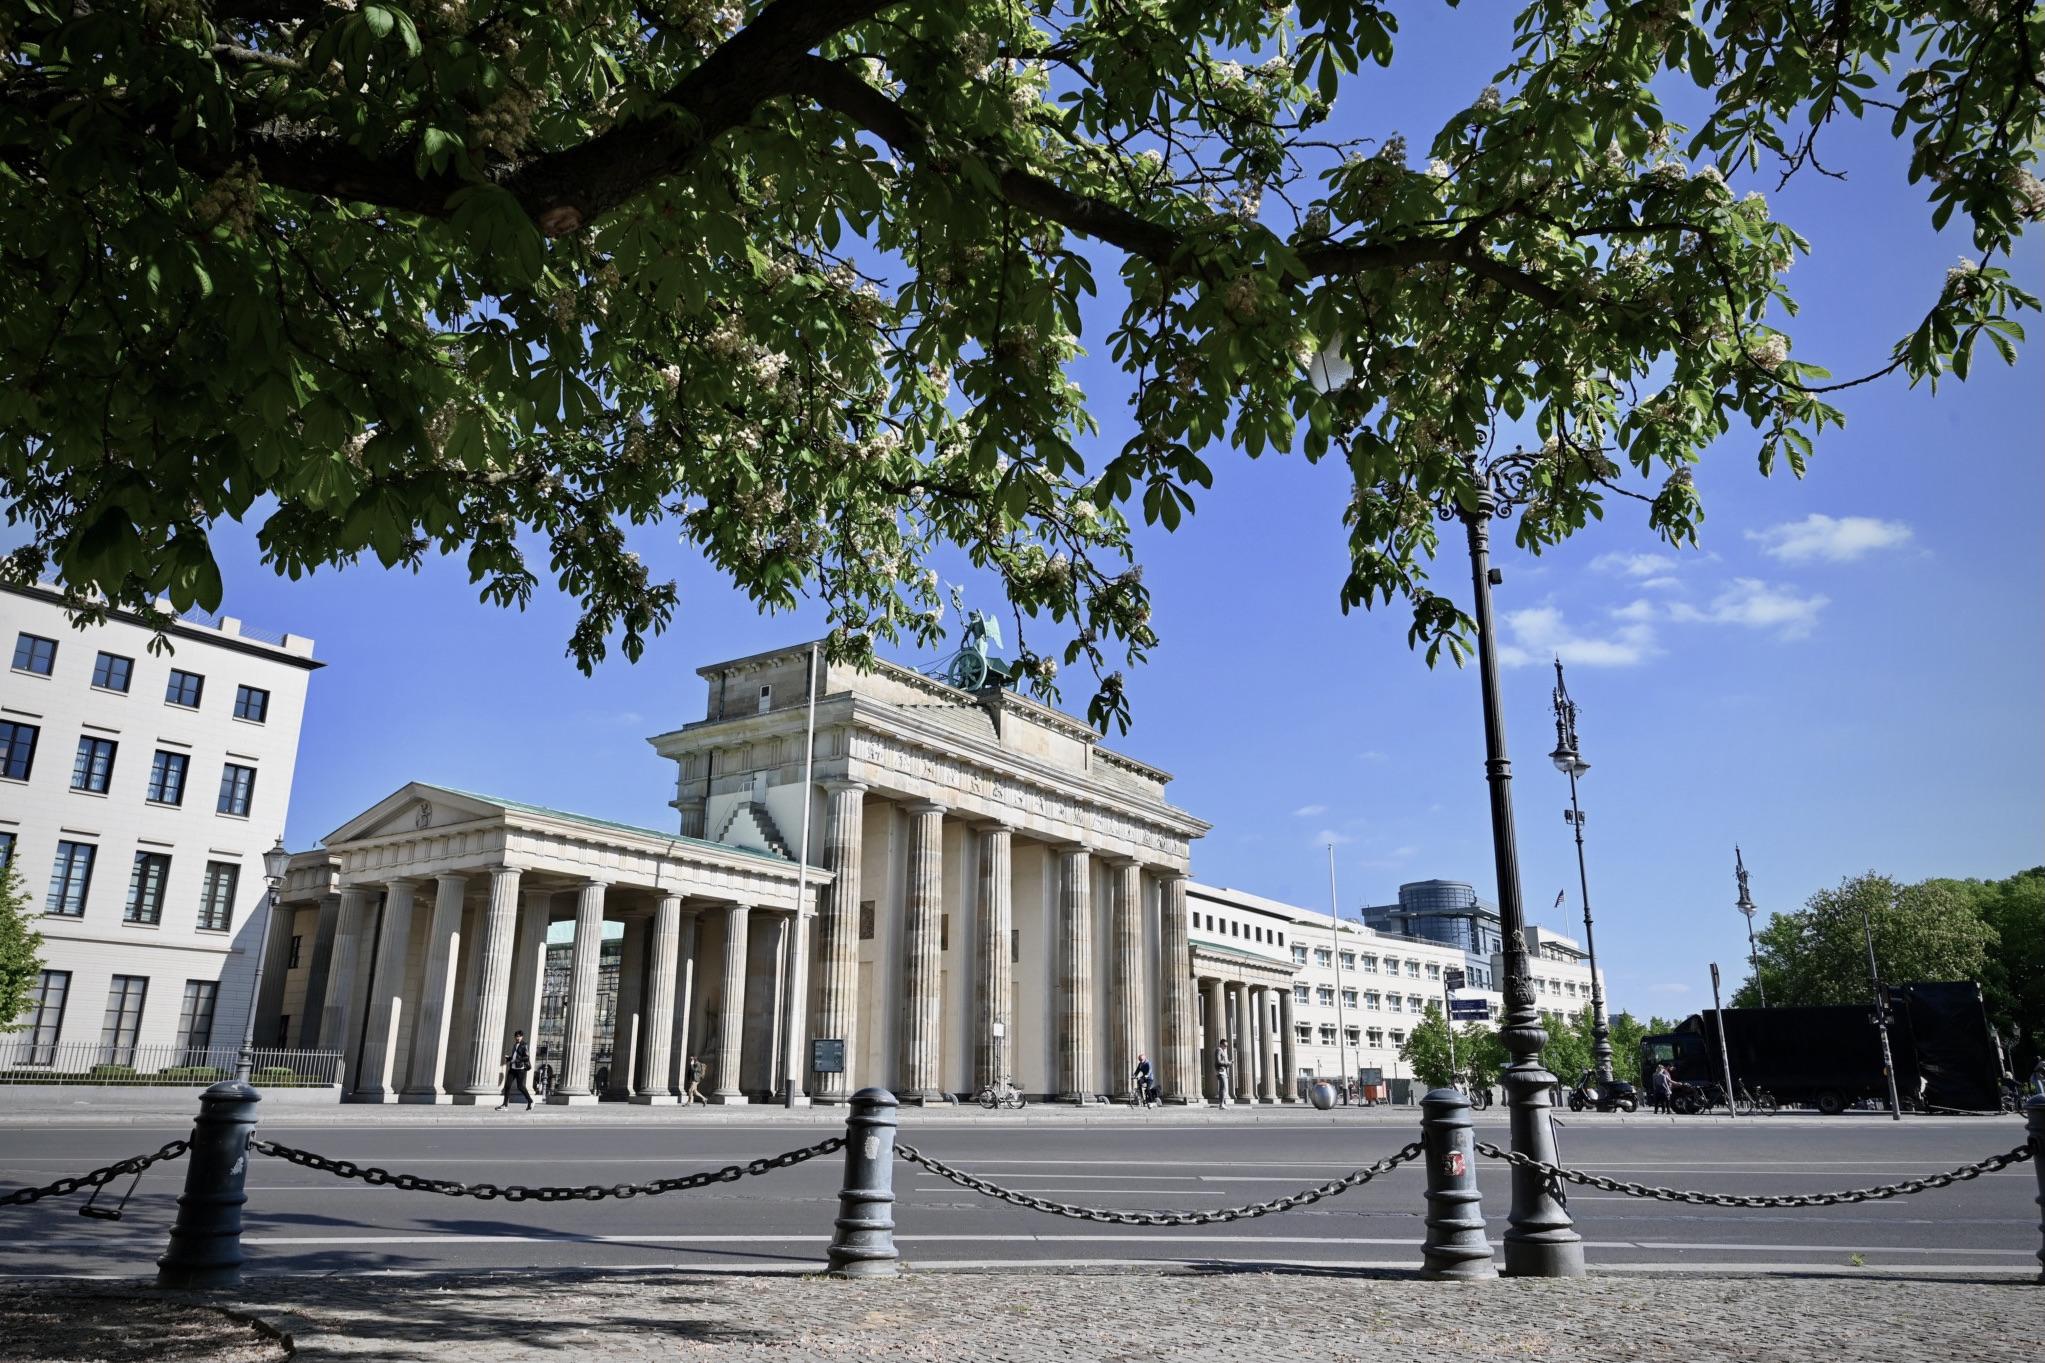 Das Brandenburger Tor in Berlin ist eine der wichtigsten Deutschland Sehenswürdigkeiten